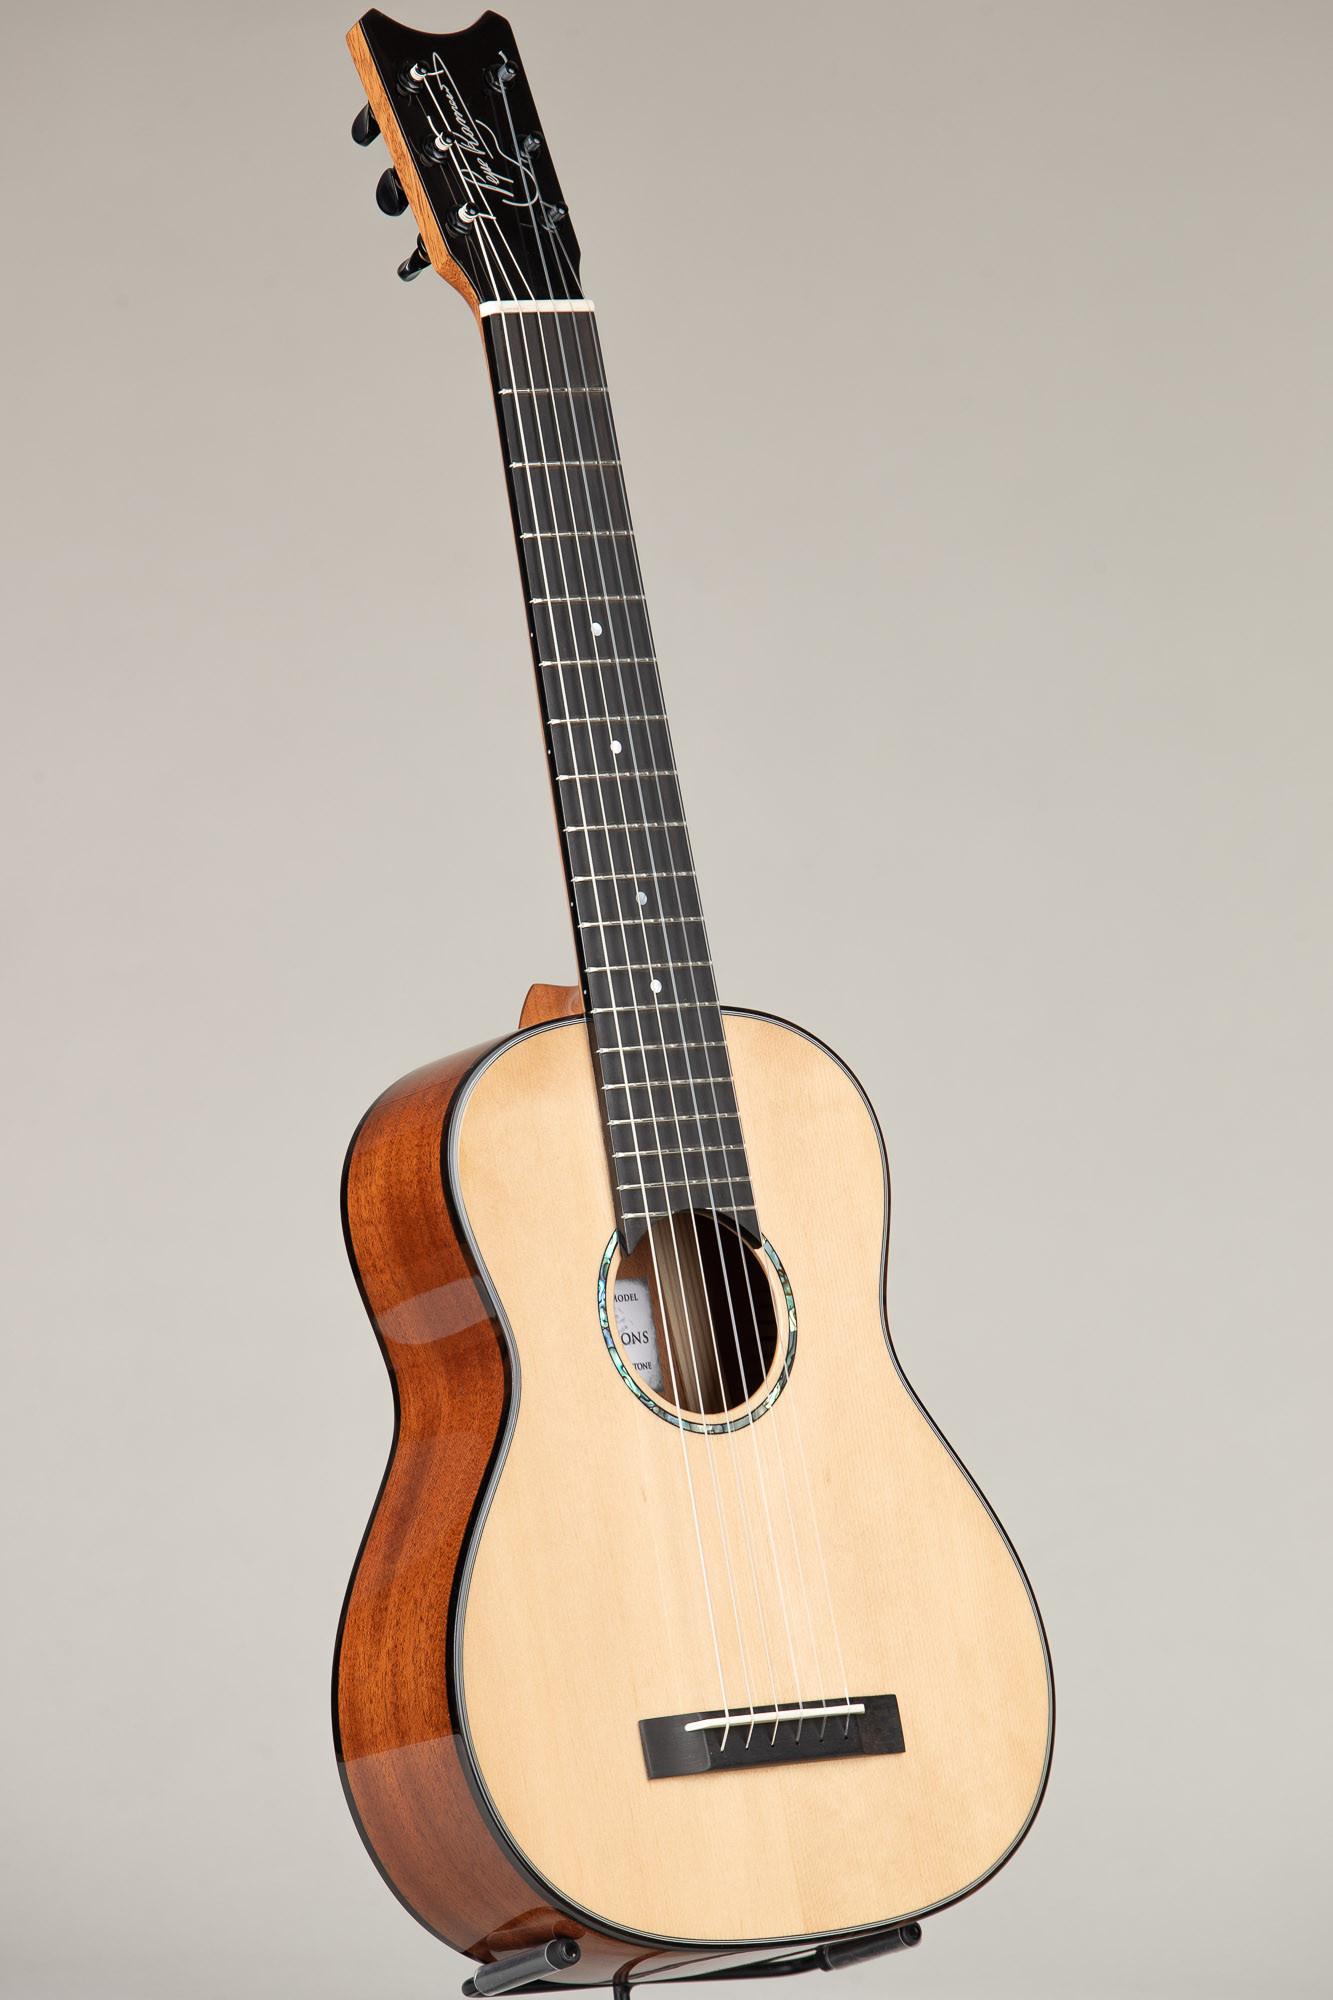 Romero Creations Baritone 6 string Spruce/ Mahogany (B6-SM 20012)